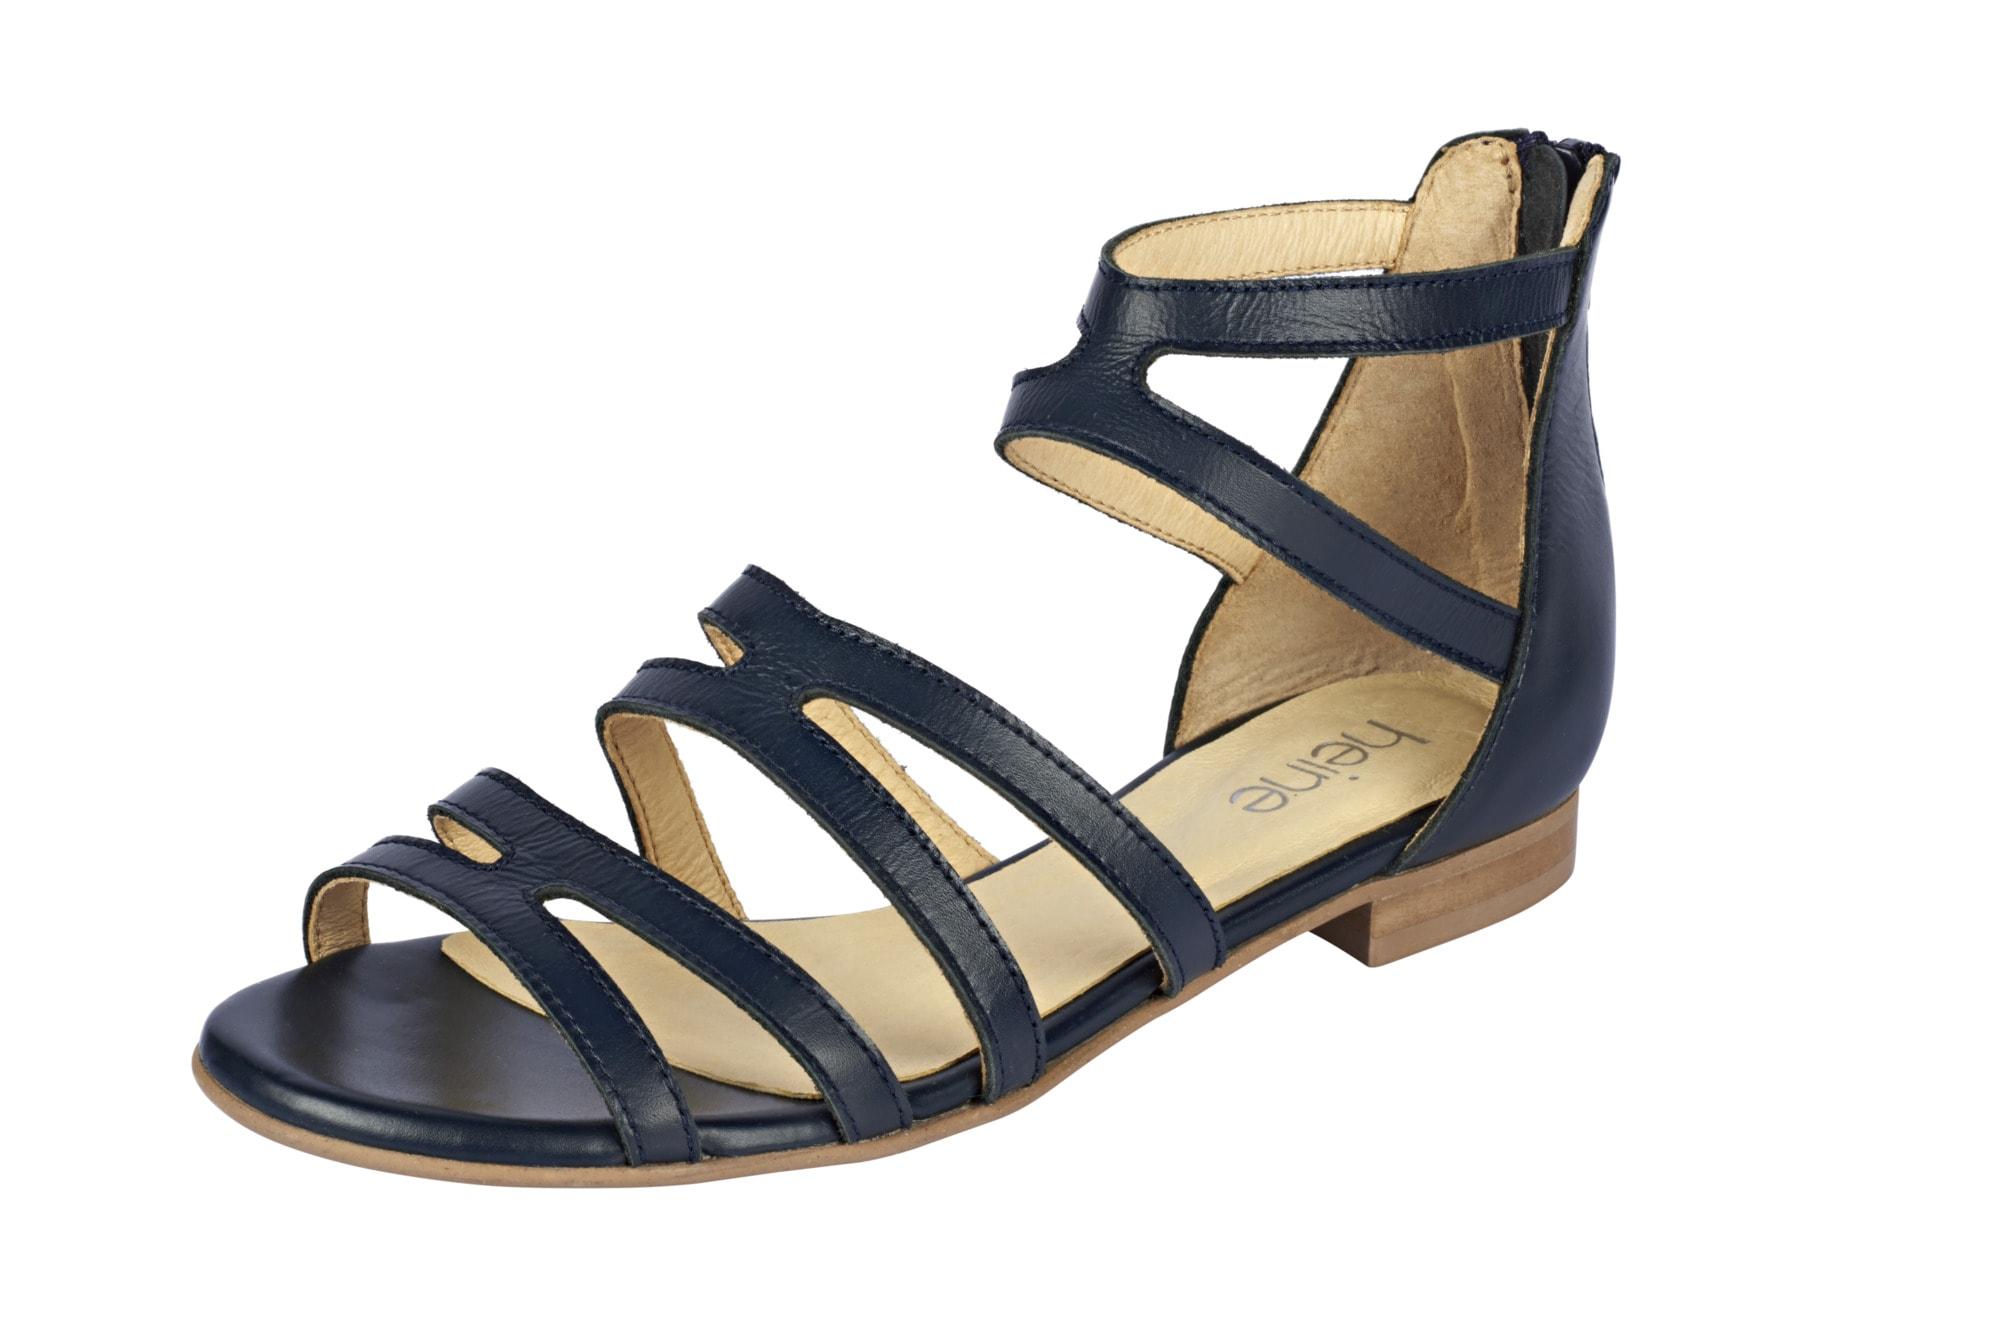 Sandalette mit Fesselriemchen Heine blau 35,36,37,38,39,40,41,42